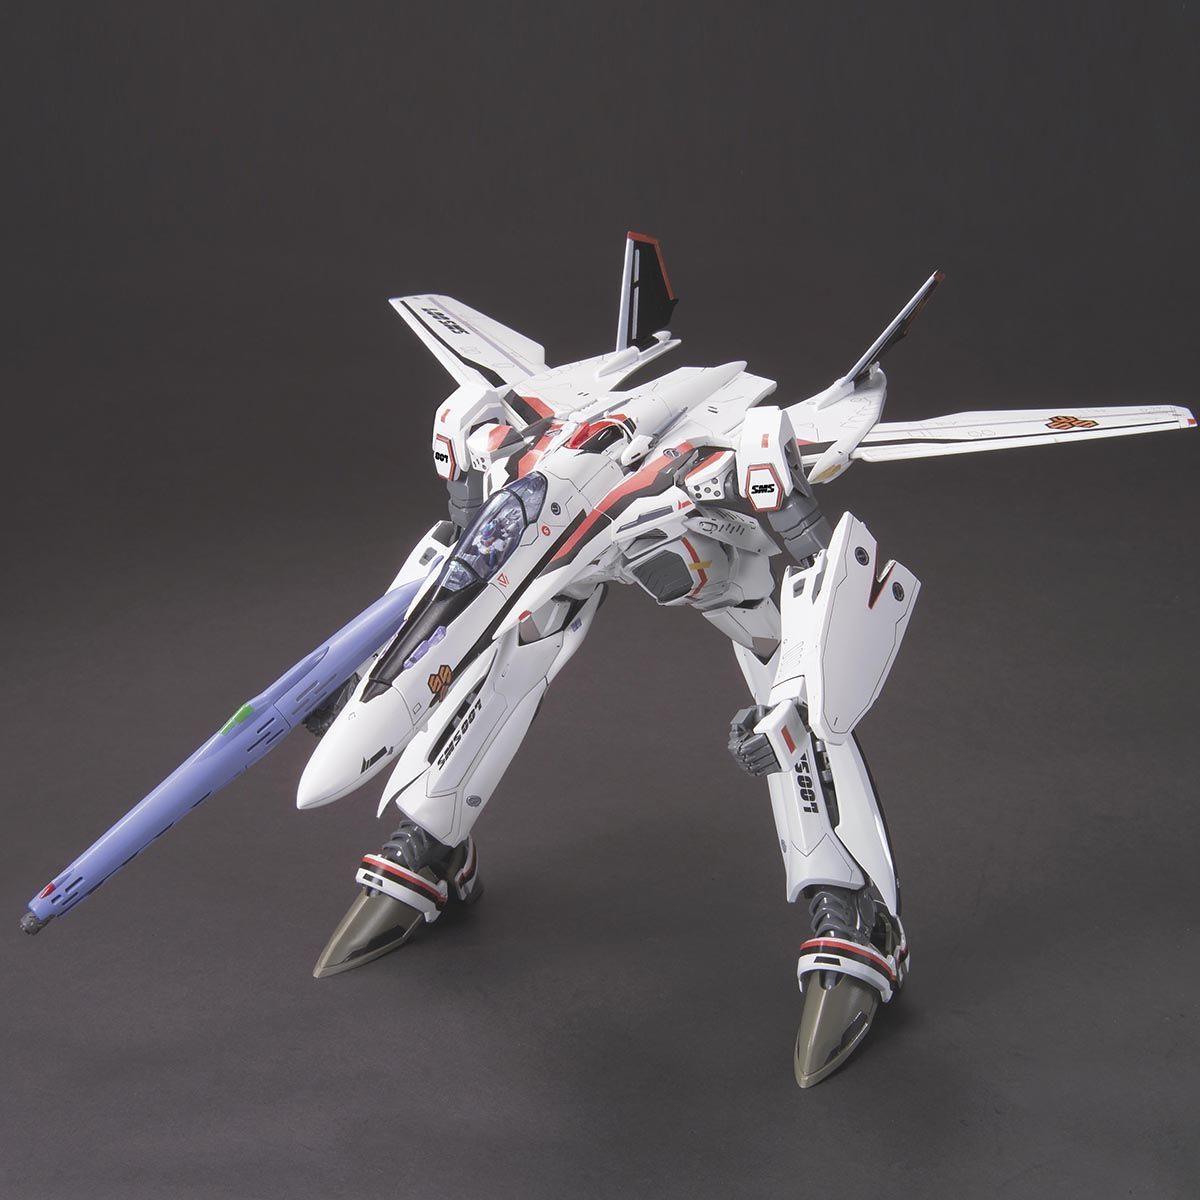 【再販】マクロスF『VF-25F メサイアバルキリー アルト機』1/72 プラモデル-004